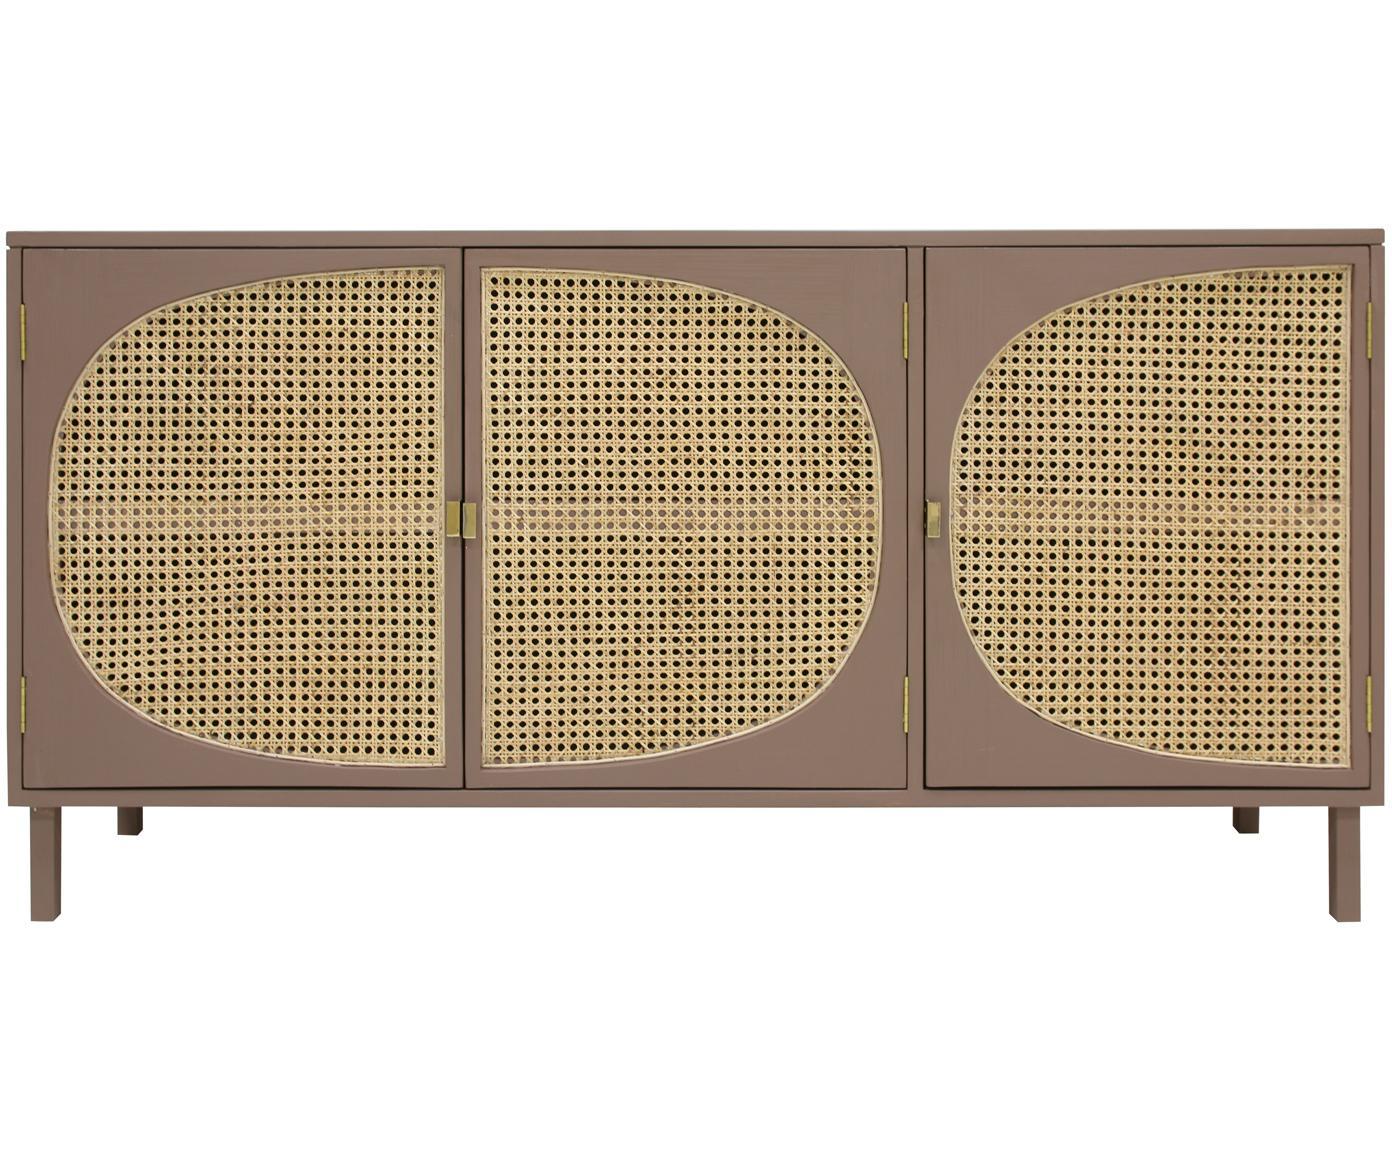 Sideboard Retro mit Wiener Geflecht, Wiener Geflecht: Zuckerrohr, Griffe: Metall, beschichtet, Braun, Beige, 160 x 81 cm